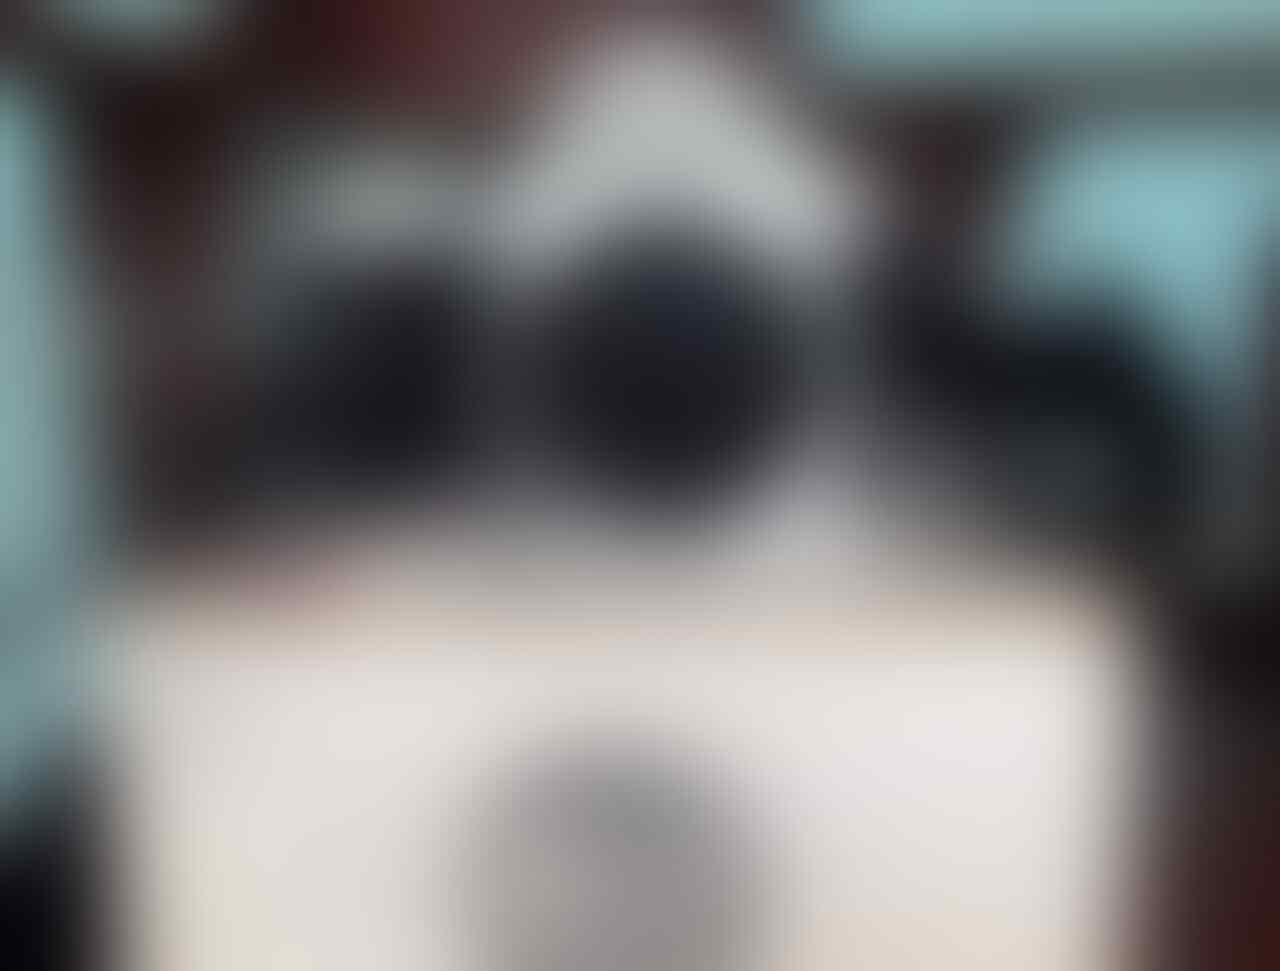 Kamera Pentax Kr putih unyu body only dan paket galau murah meriah